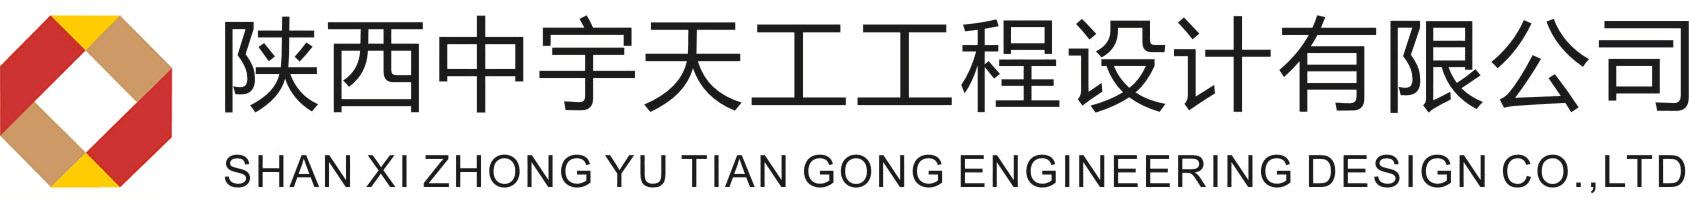 陕西中宇天工工程设计有限公司最新招聘信息